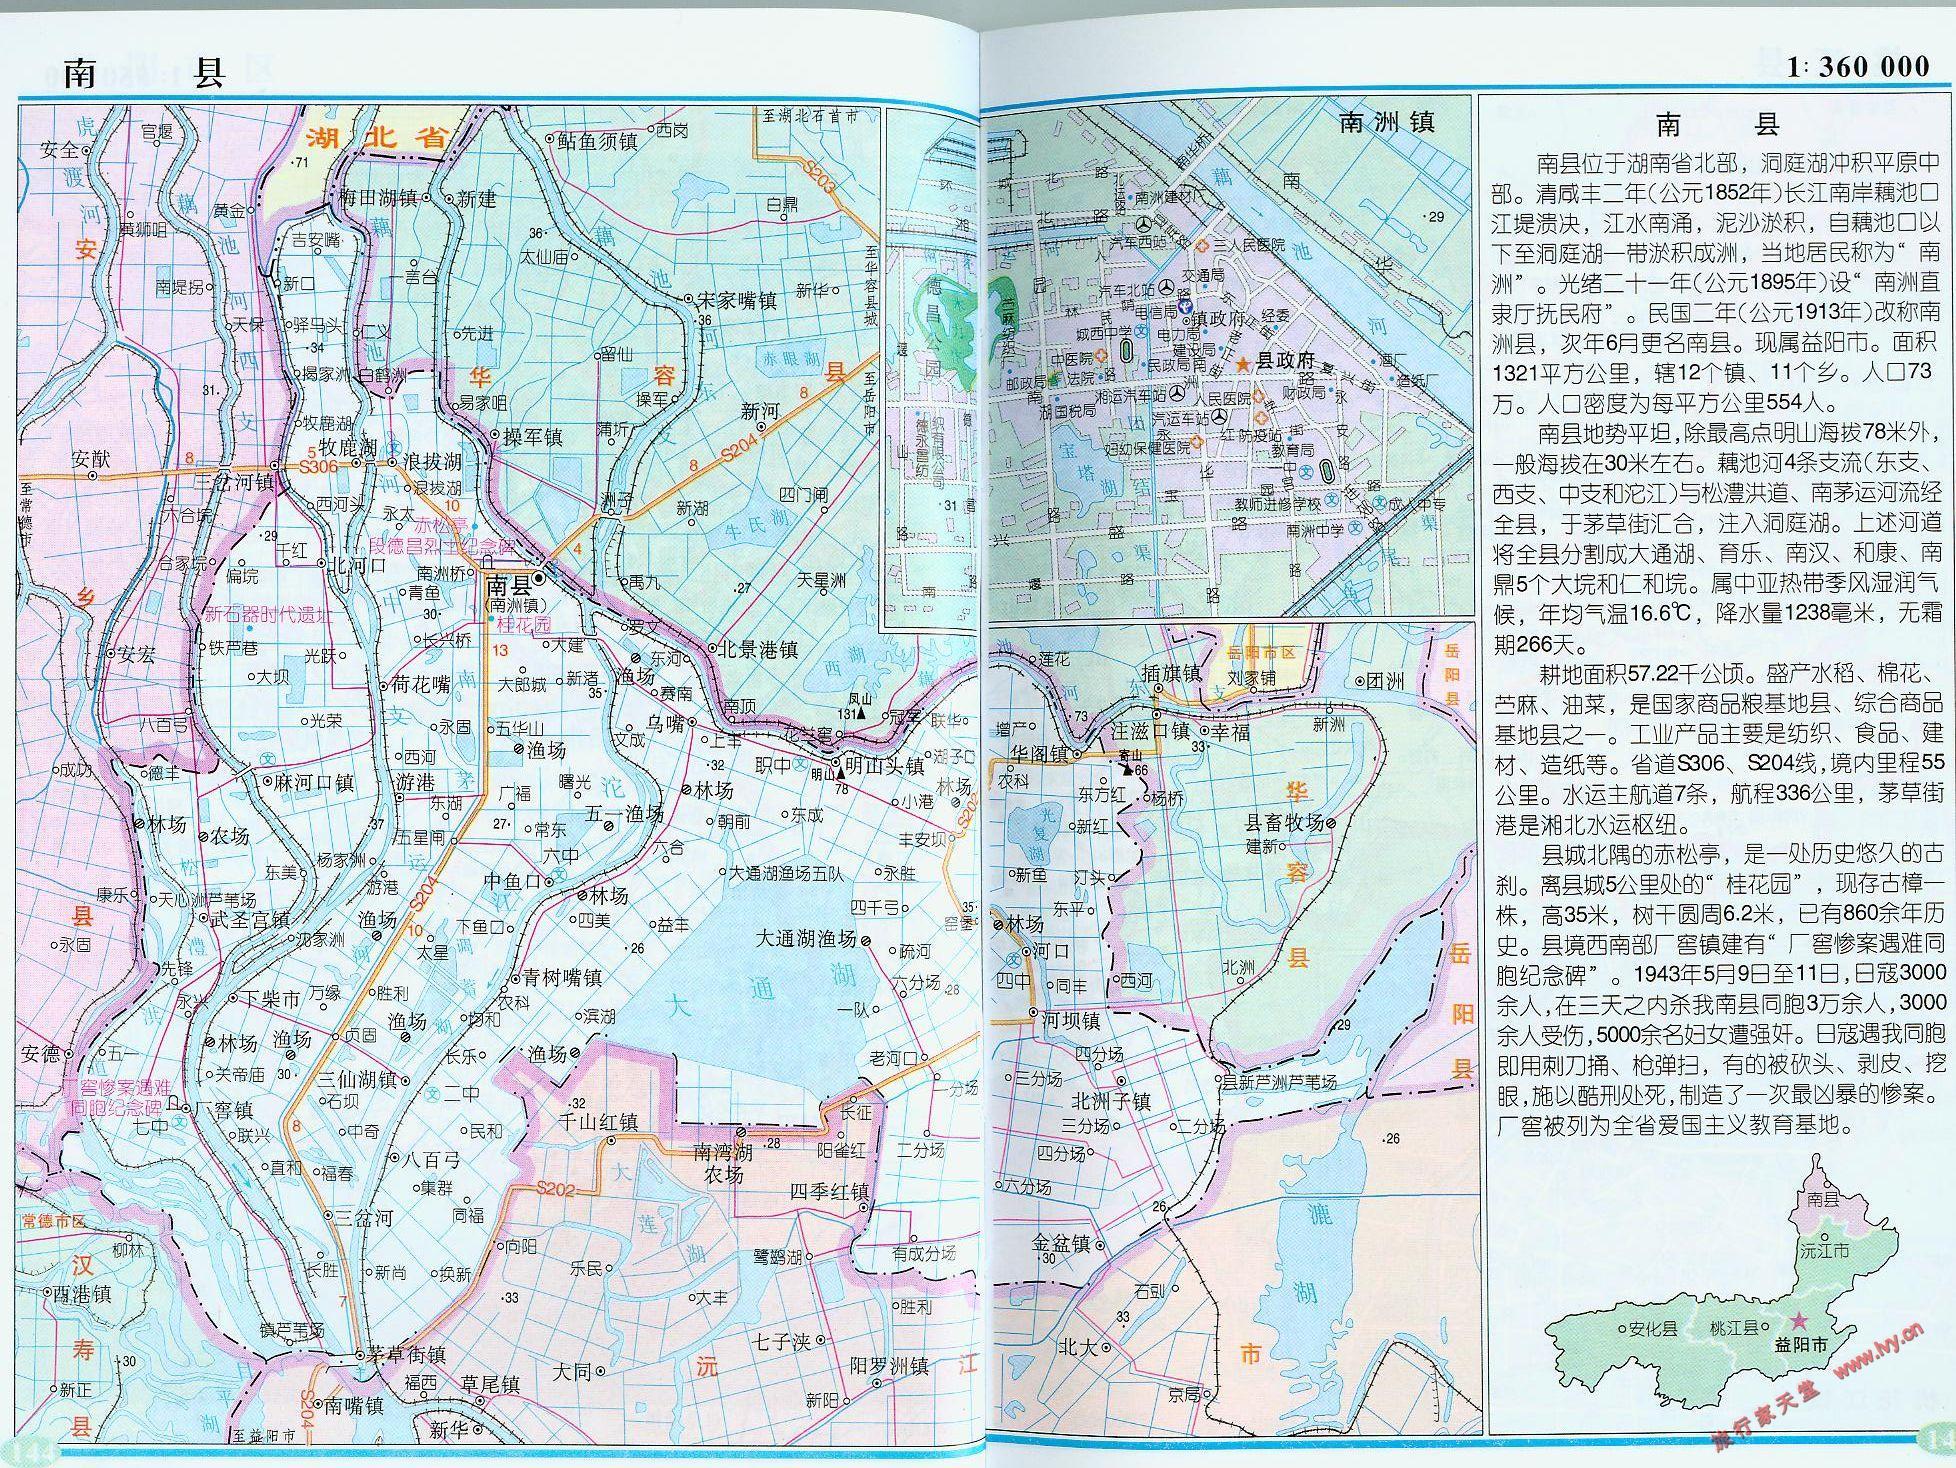 南县地图_益阳地图库